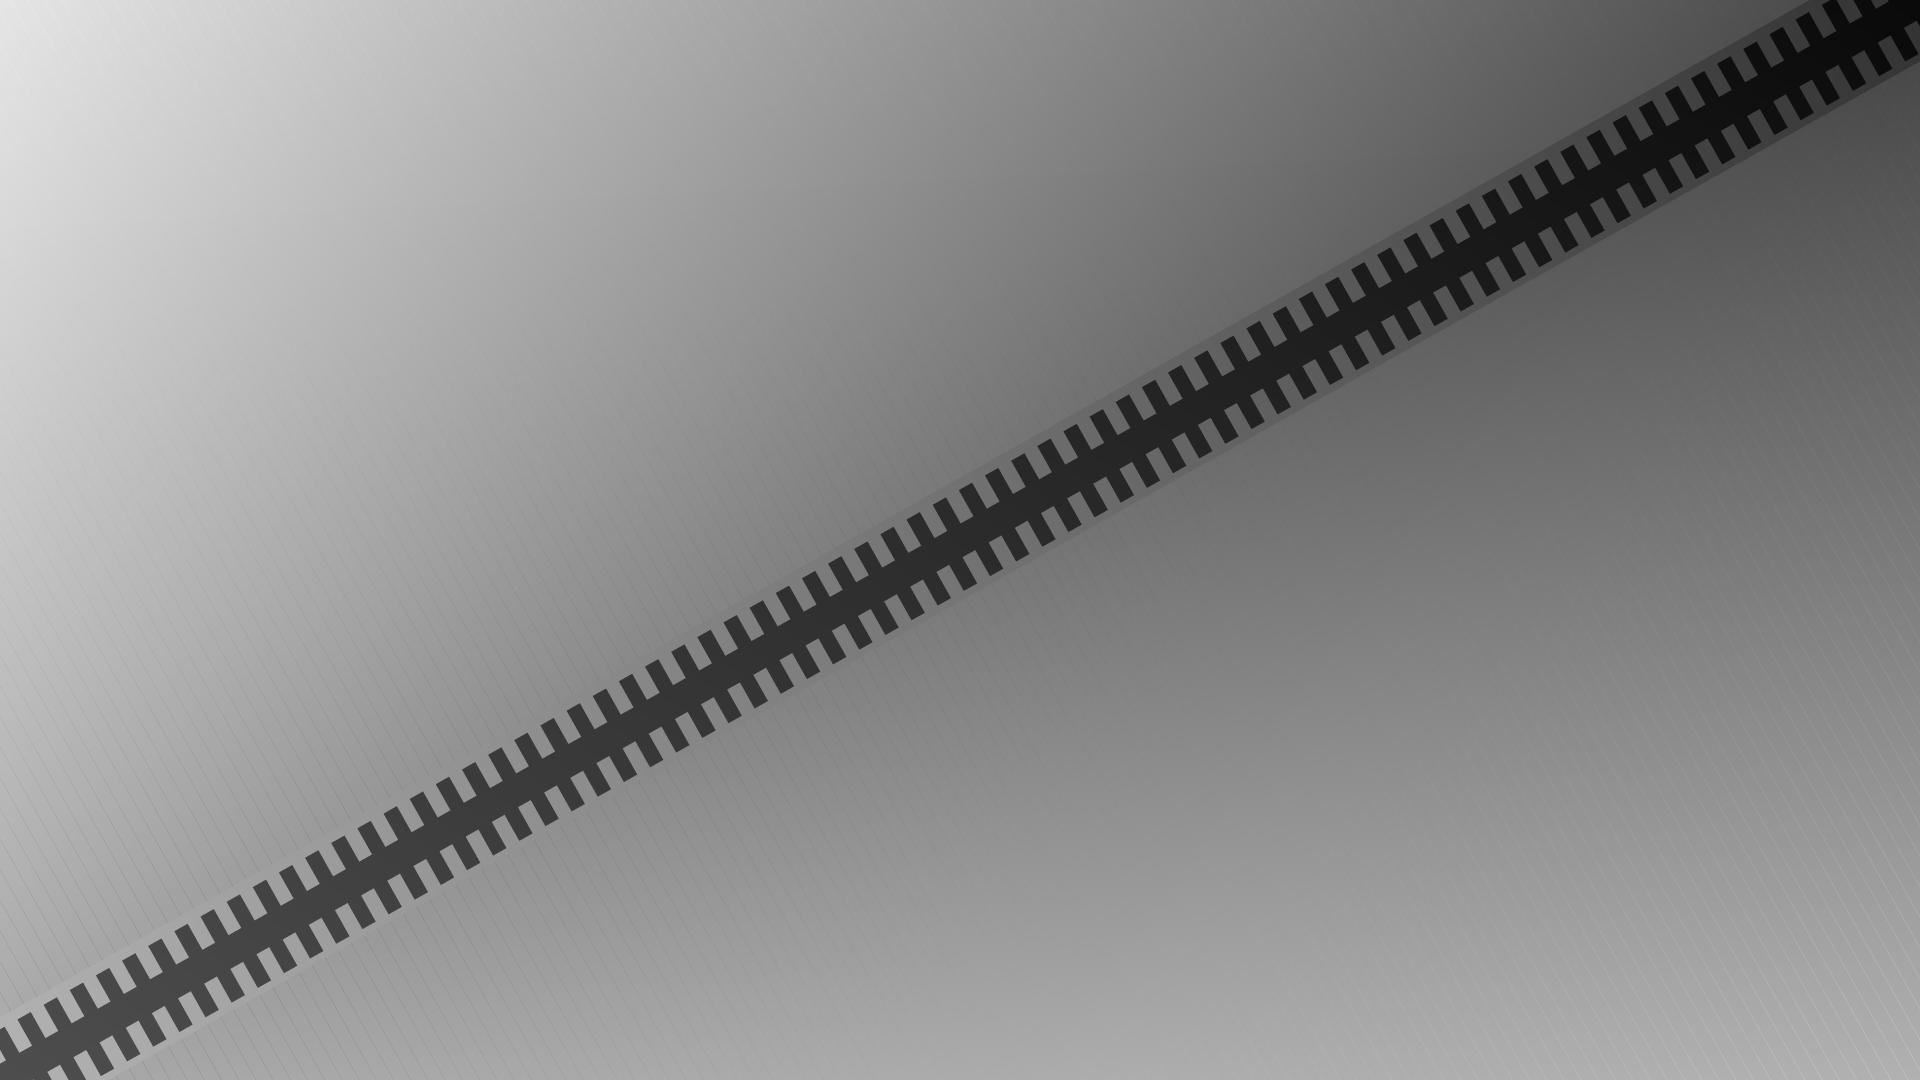 1080p_rule13_2